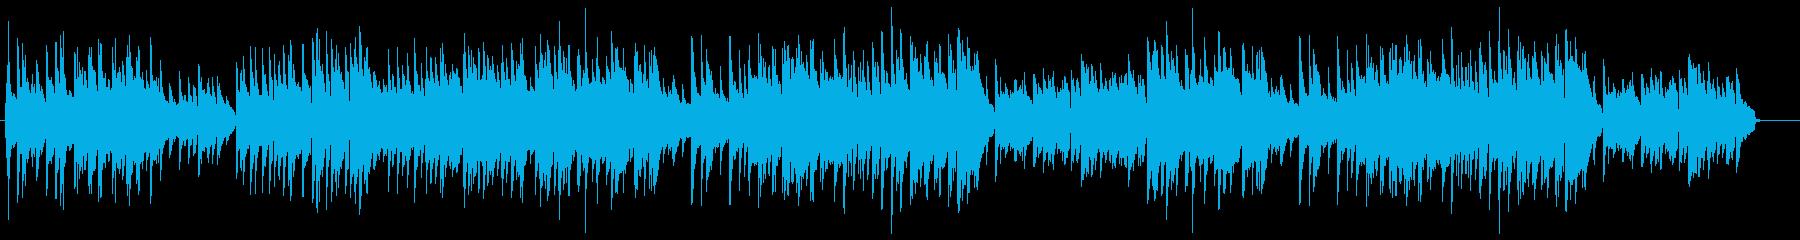 優しいメロディアスなピアノバラードの再生済みの波形